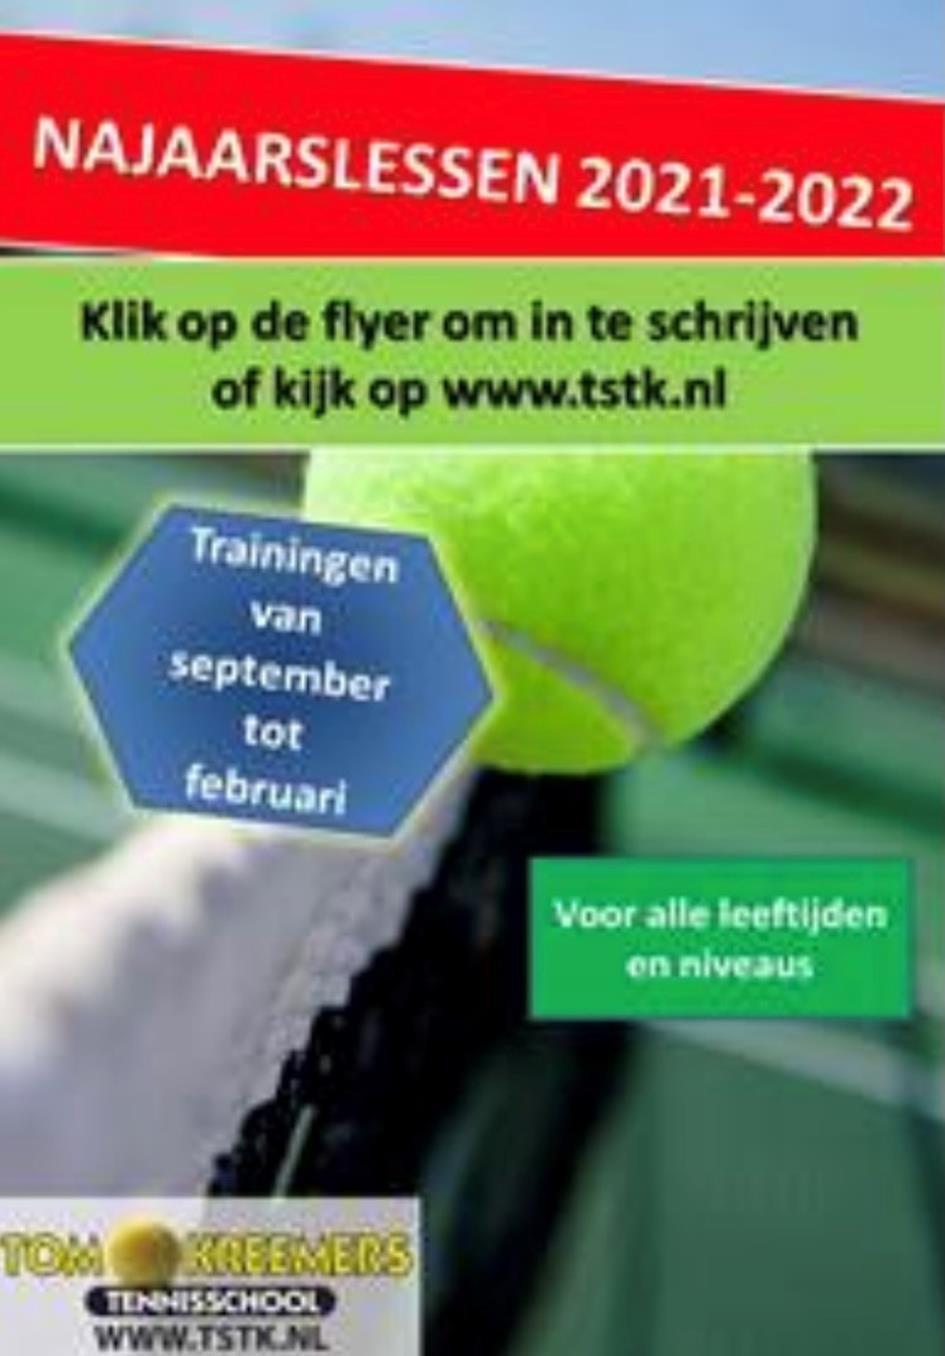 Tennis najaarslessen 2021-2022.jpg